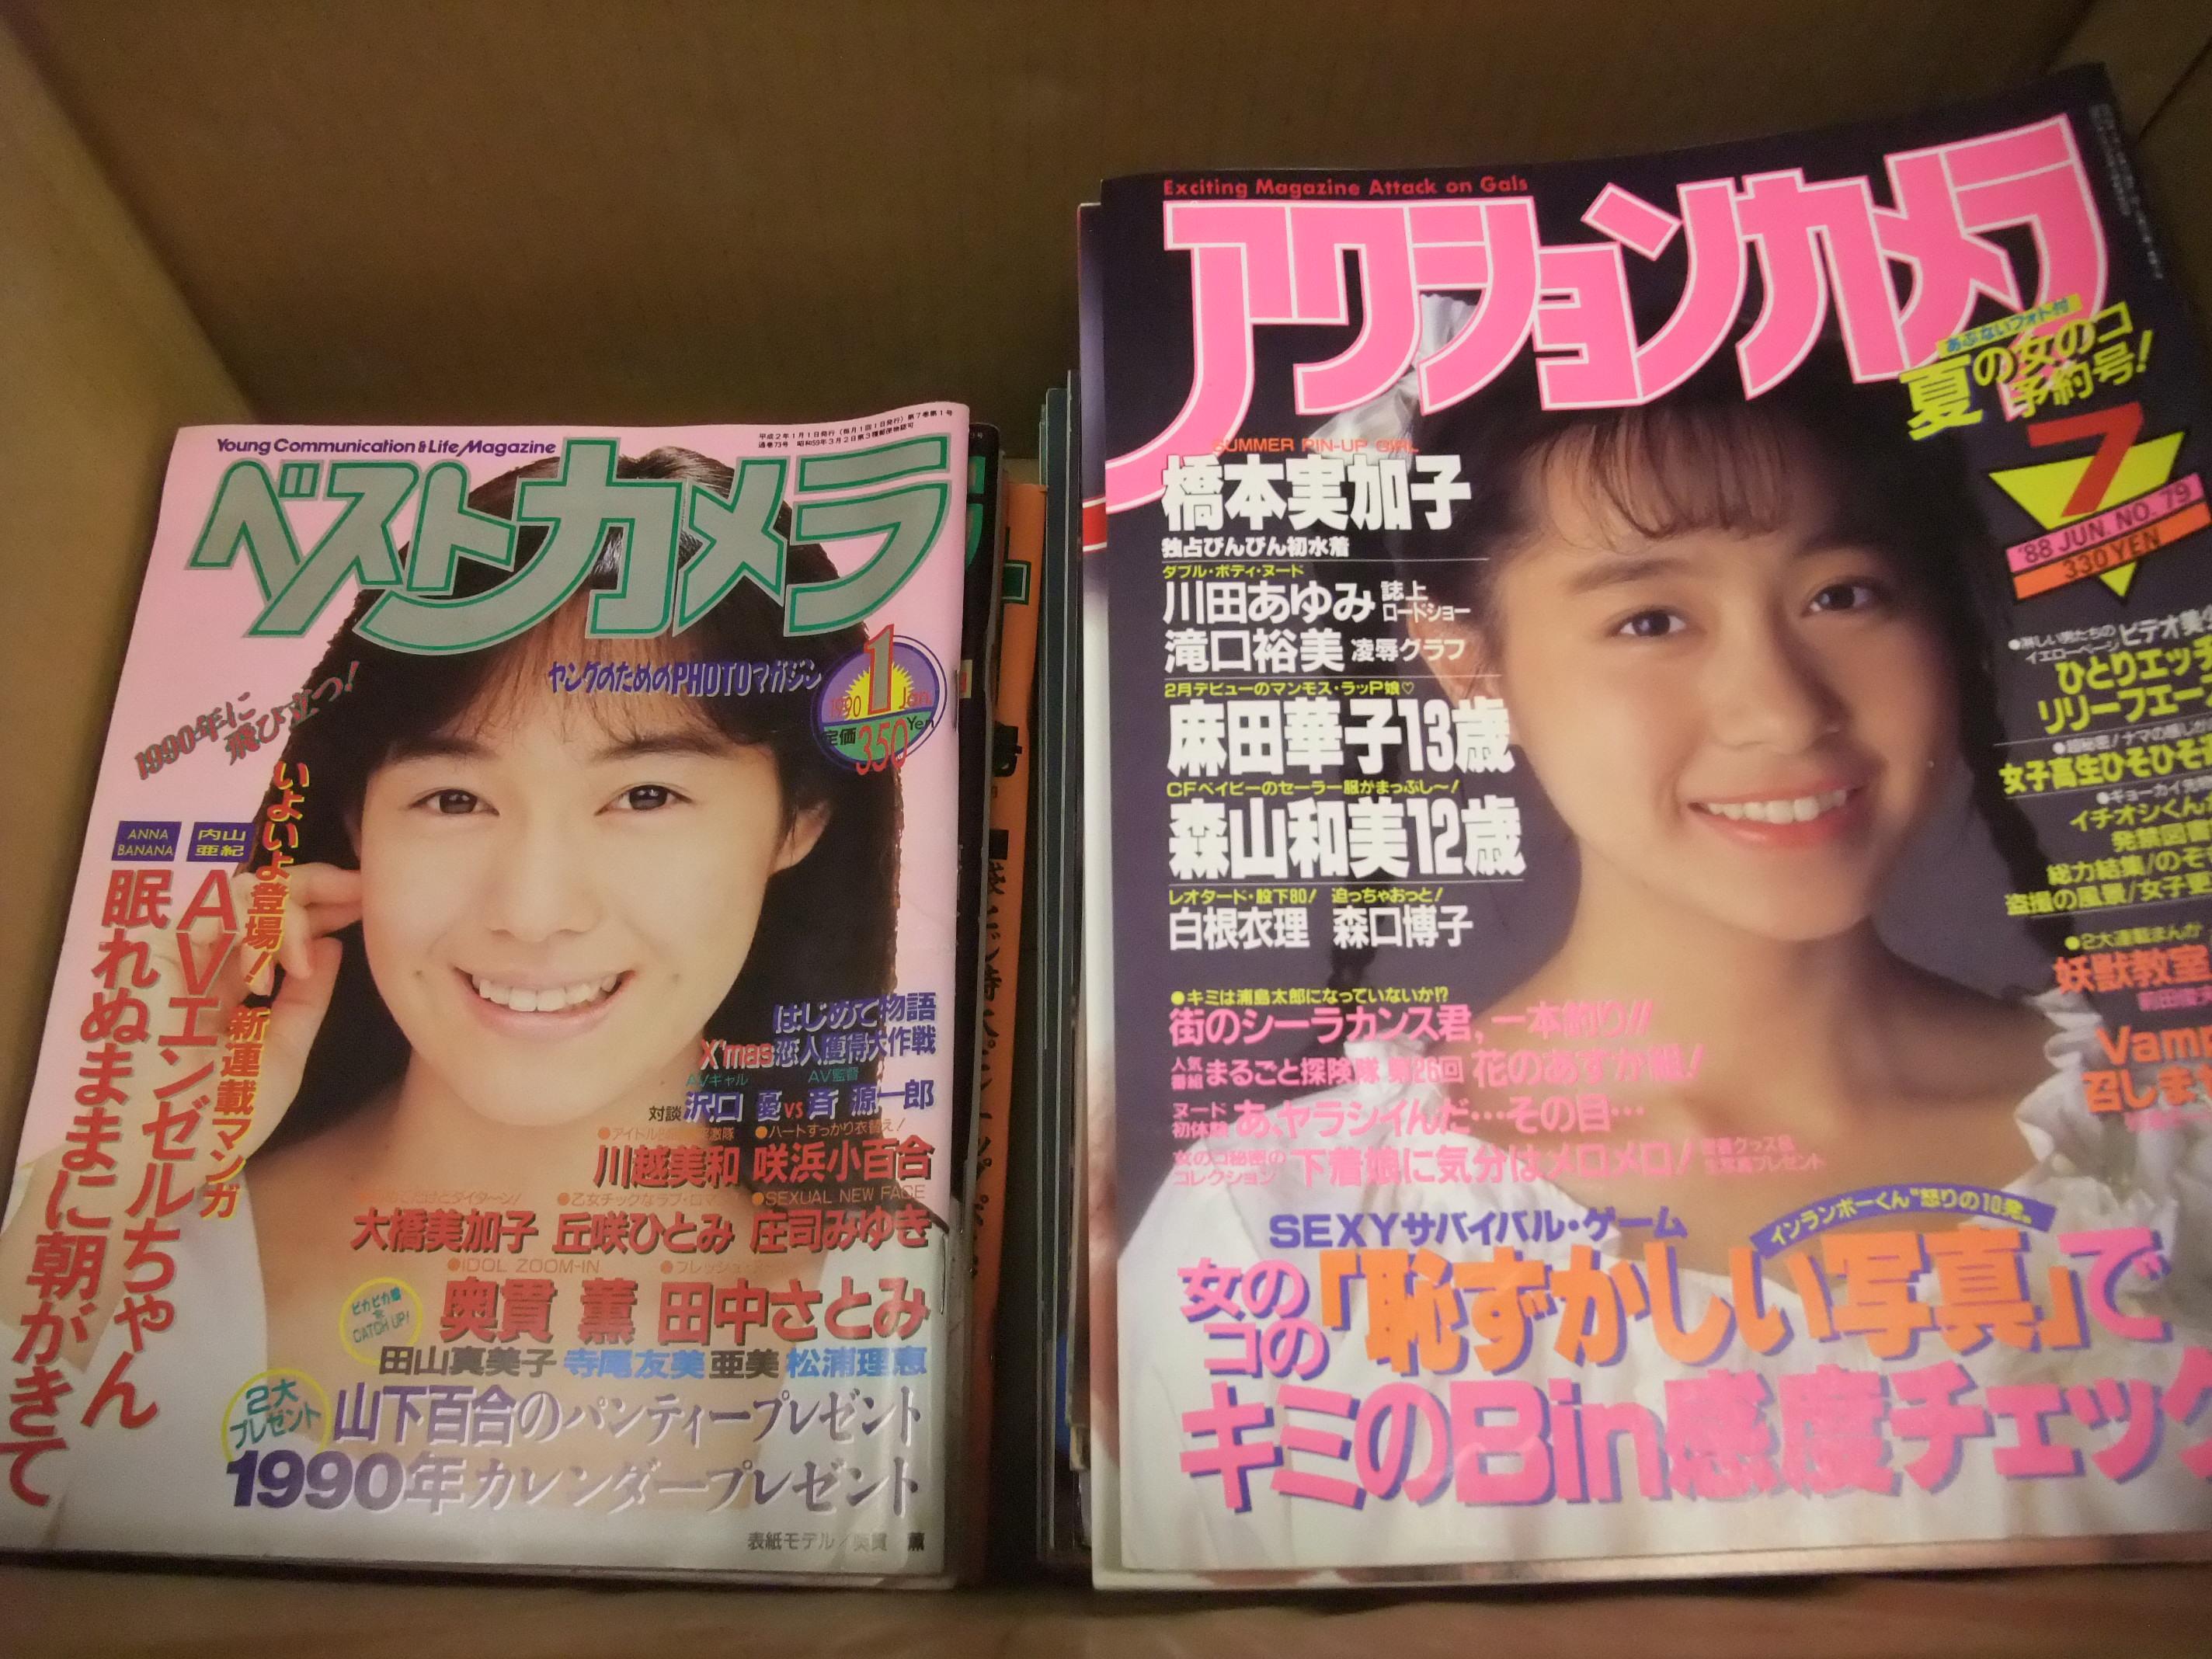 浜松市 出張買取 昭和アイドル雑誌「月刊ドンドン アクションカメラ」